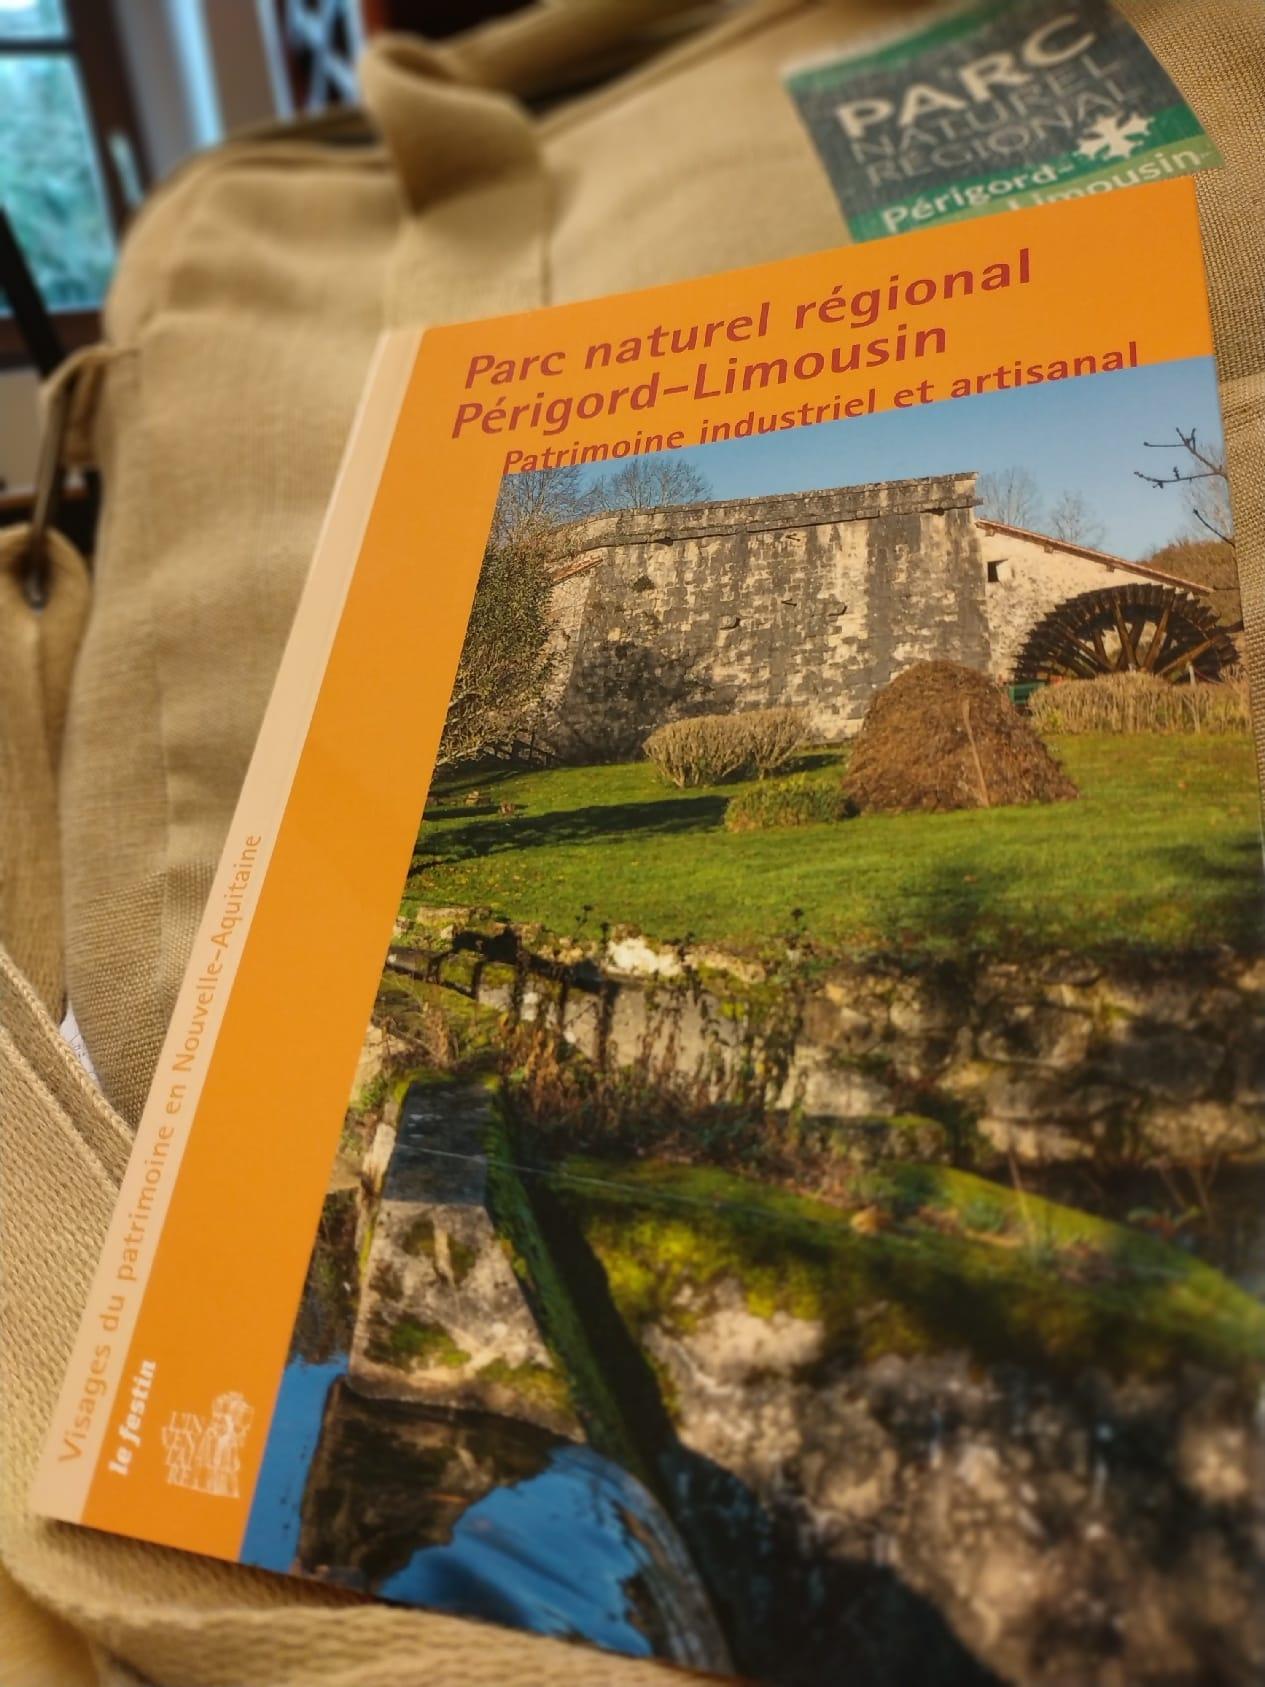 PNR Périgord-Limousin : Le patrimoine industriel et artisanal à découvrir dans un livre